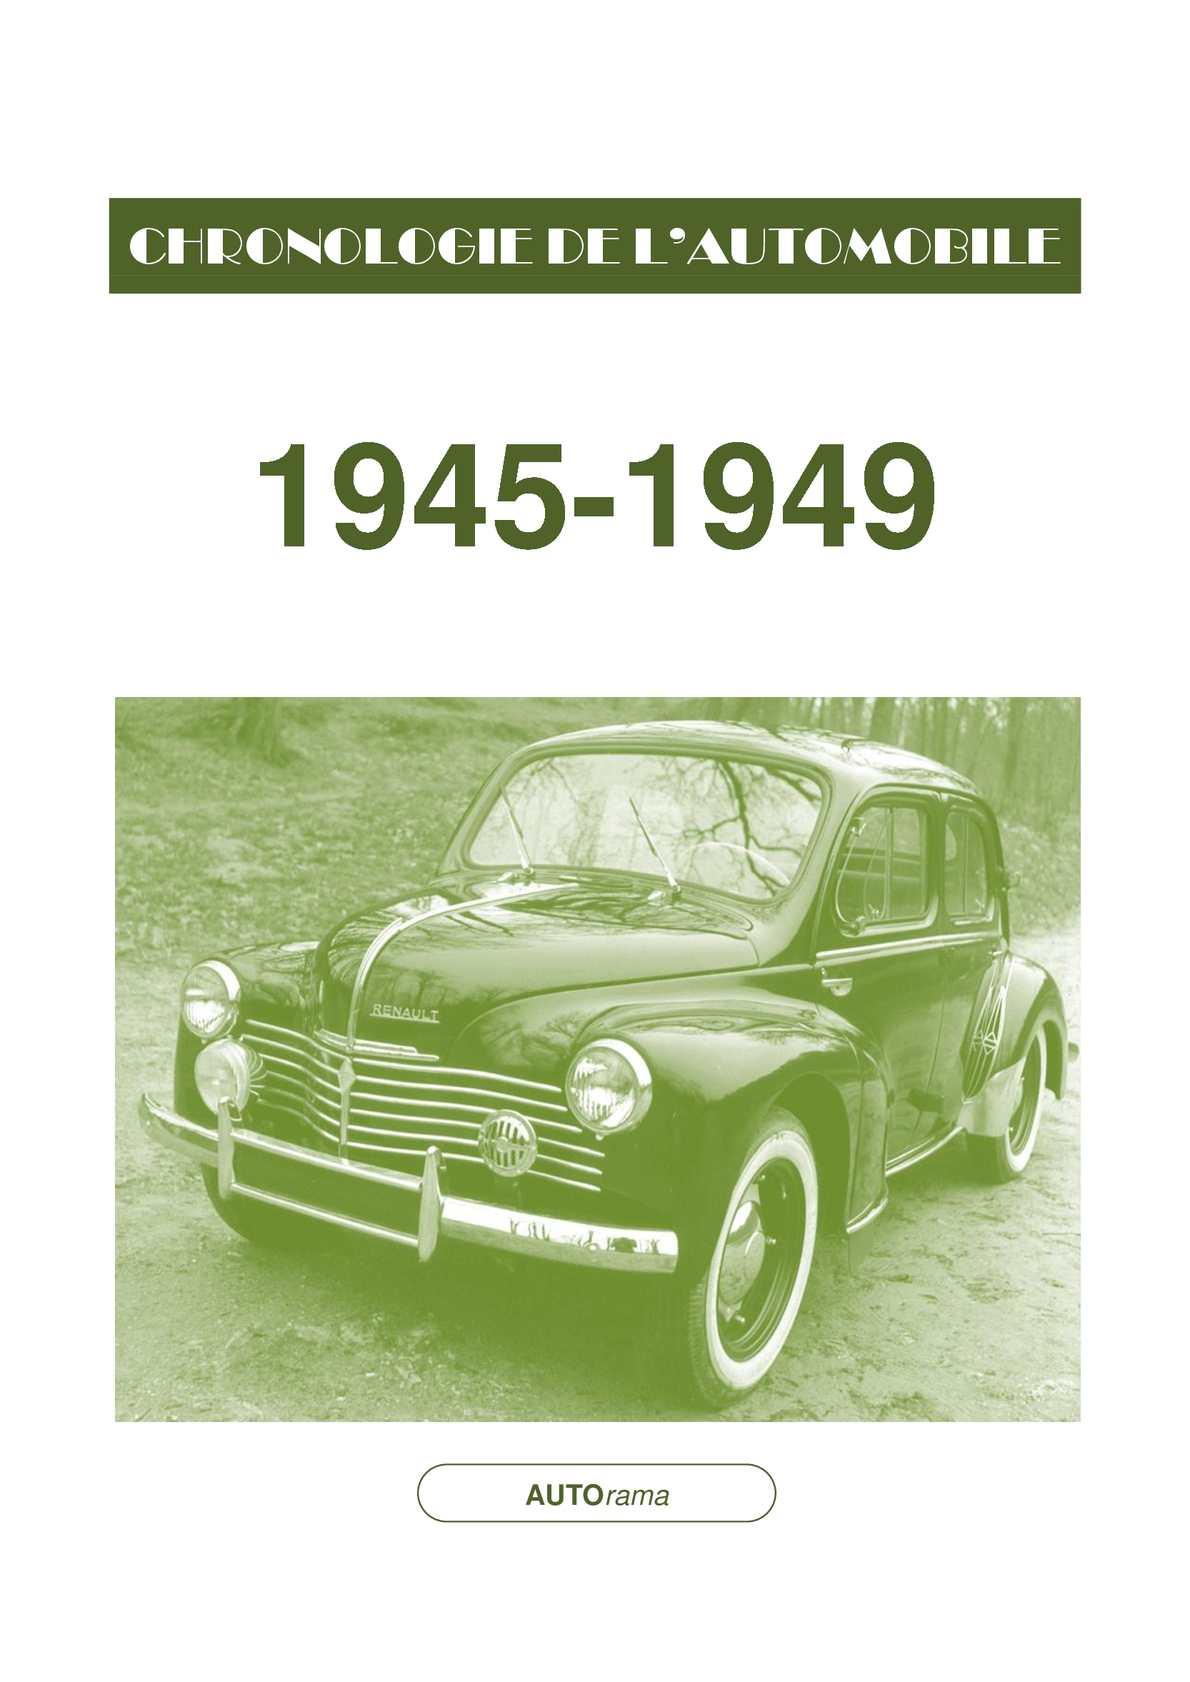 Chronologie de l'automobile - 1945-1949